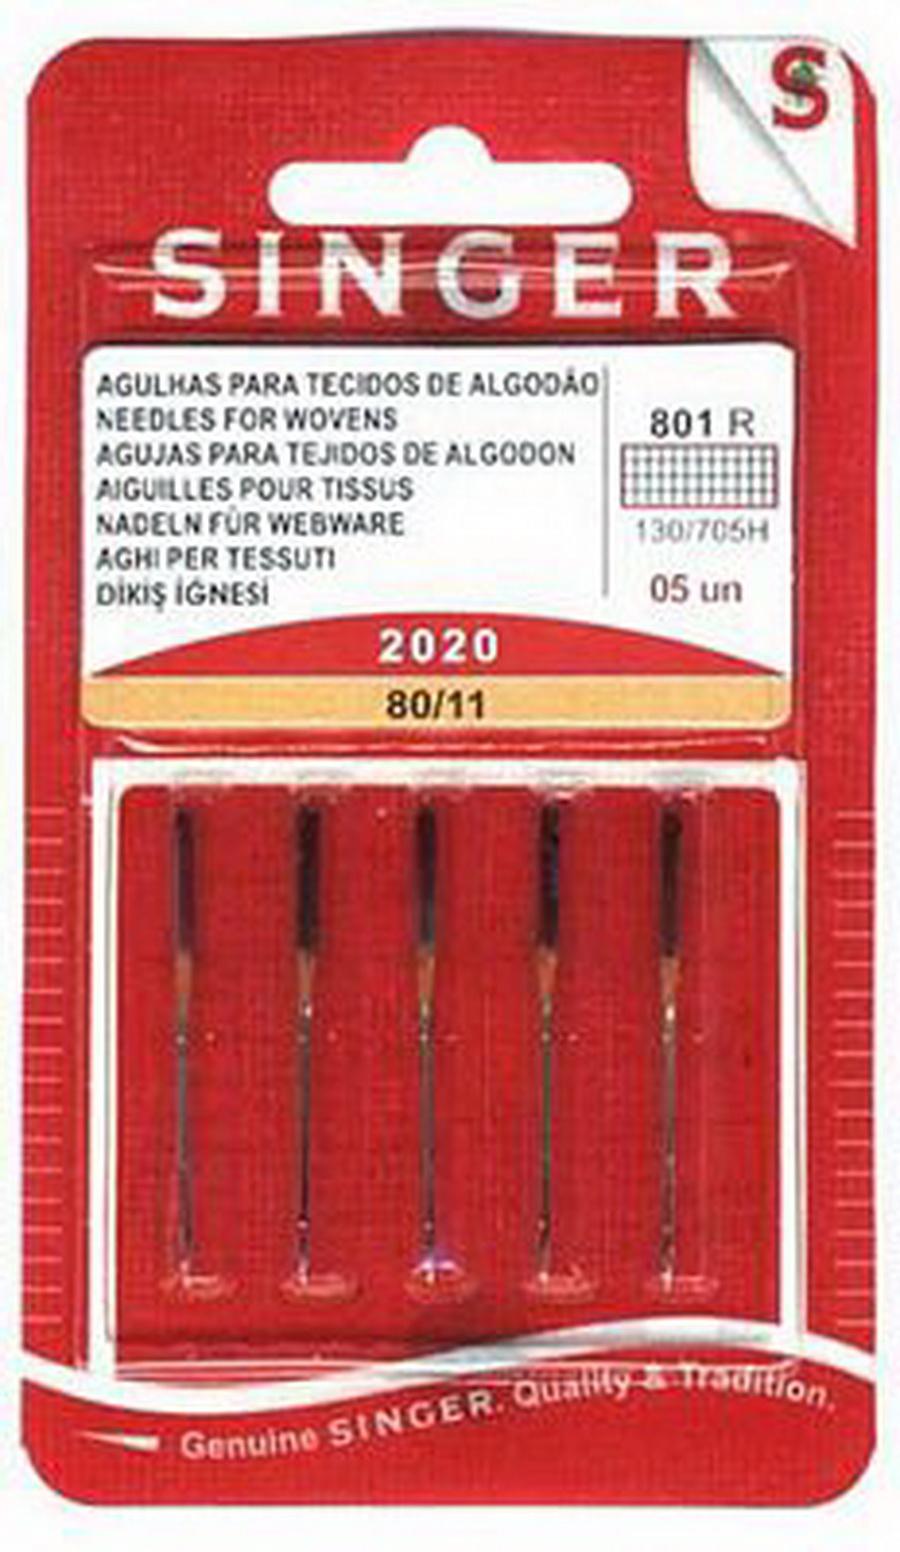 Singer Regular Point Needles 2020 - Size 11